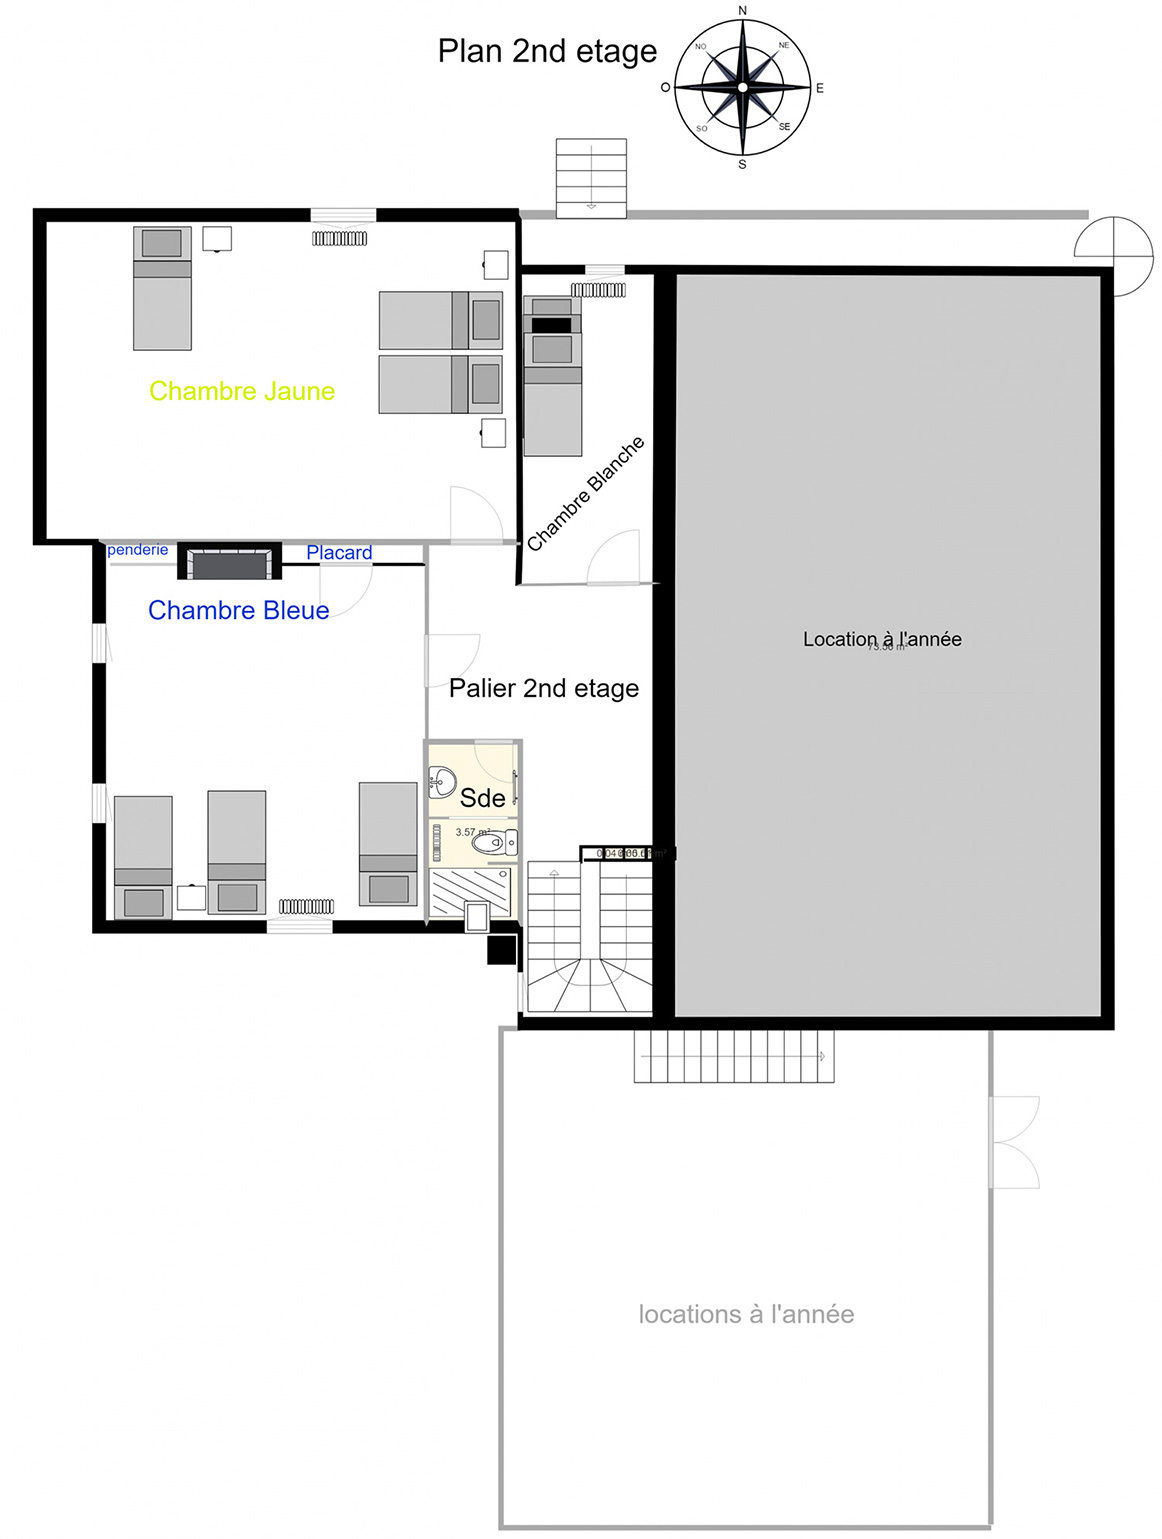 Plan du 2nd étage de branville